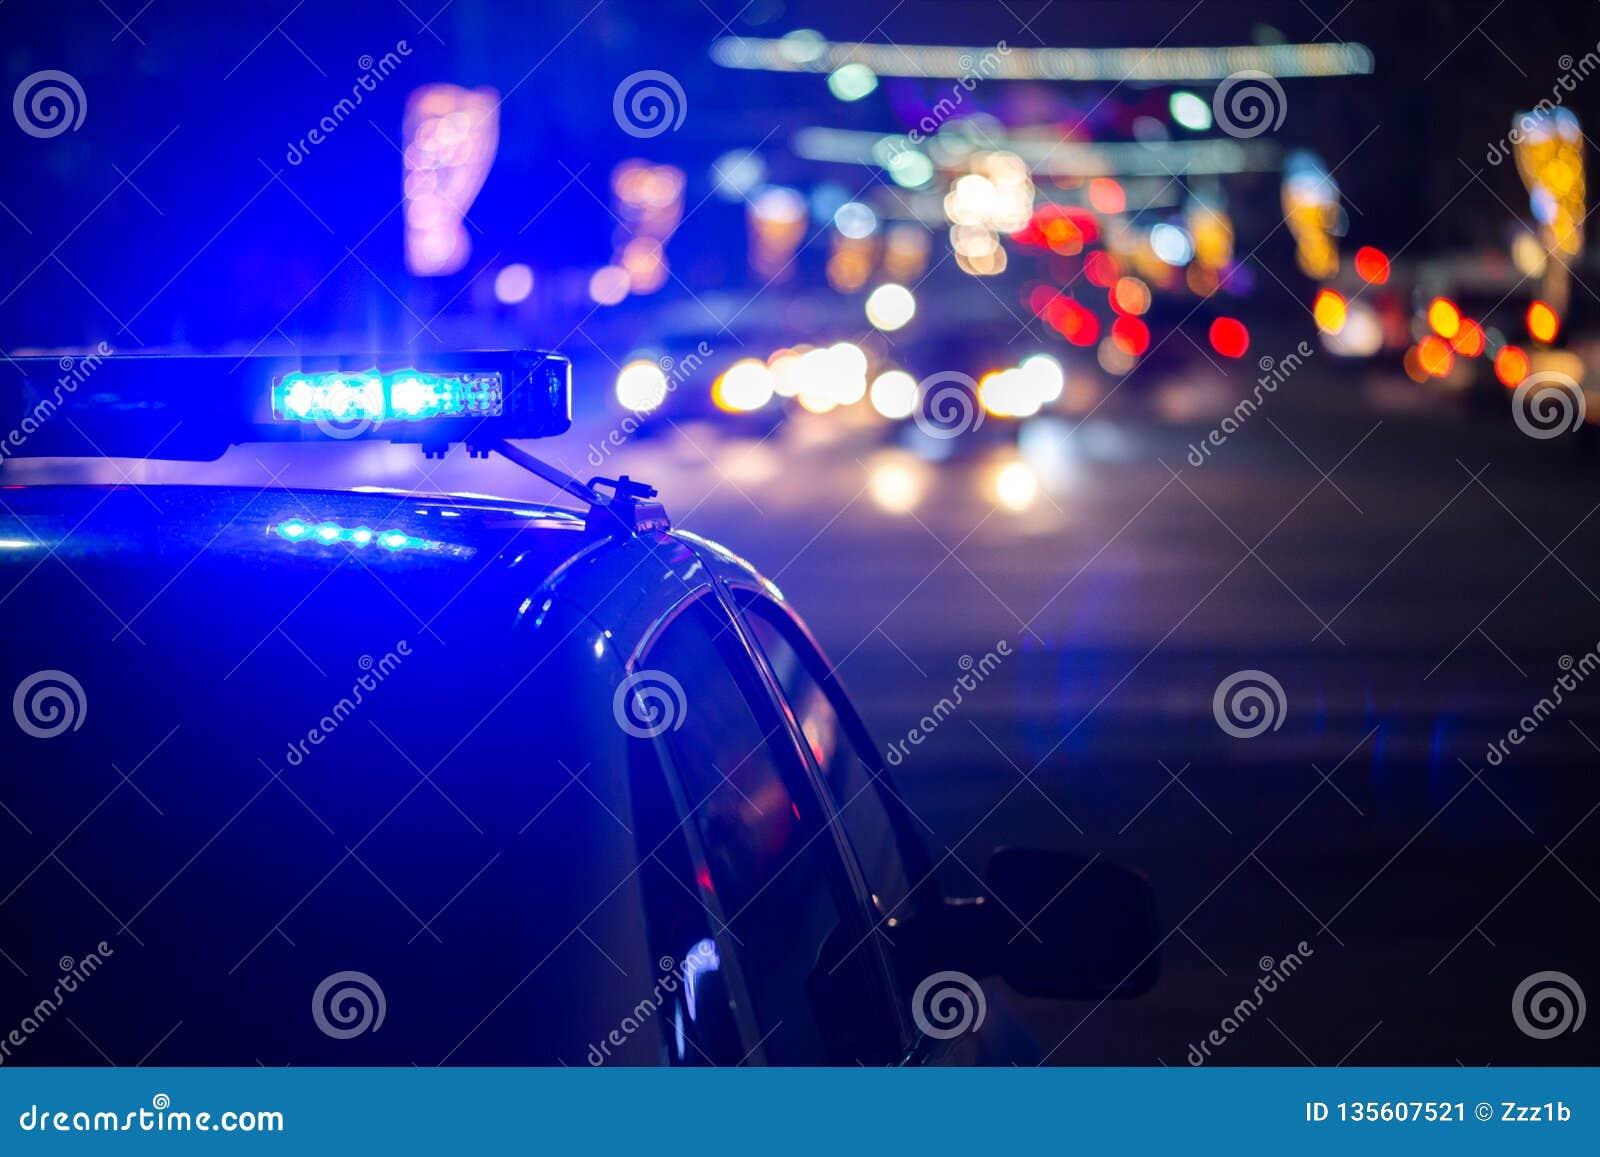 Света полицейской машины вечером в городе с выборочным фокусом и bokeh